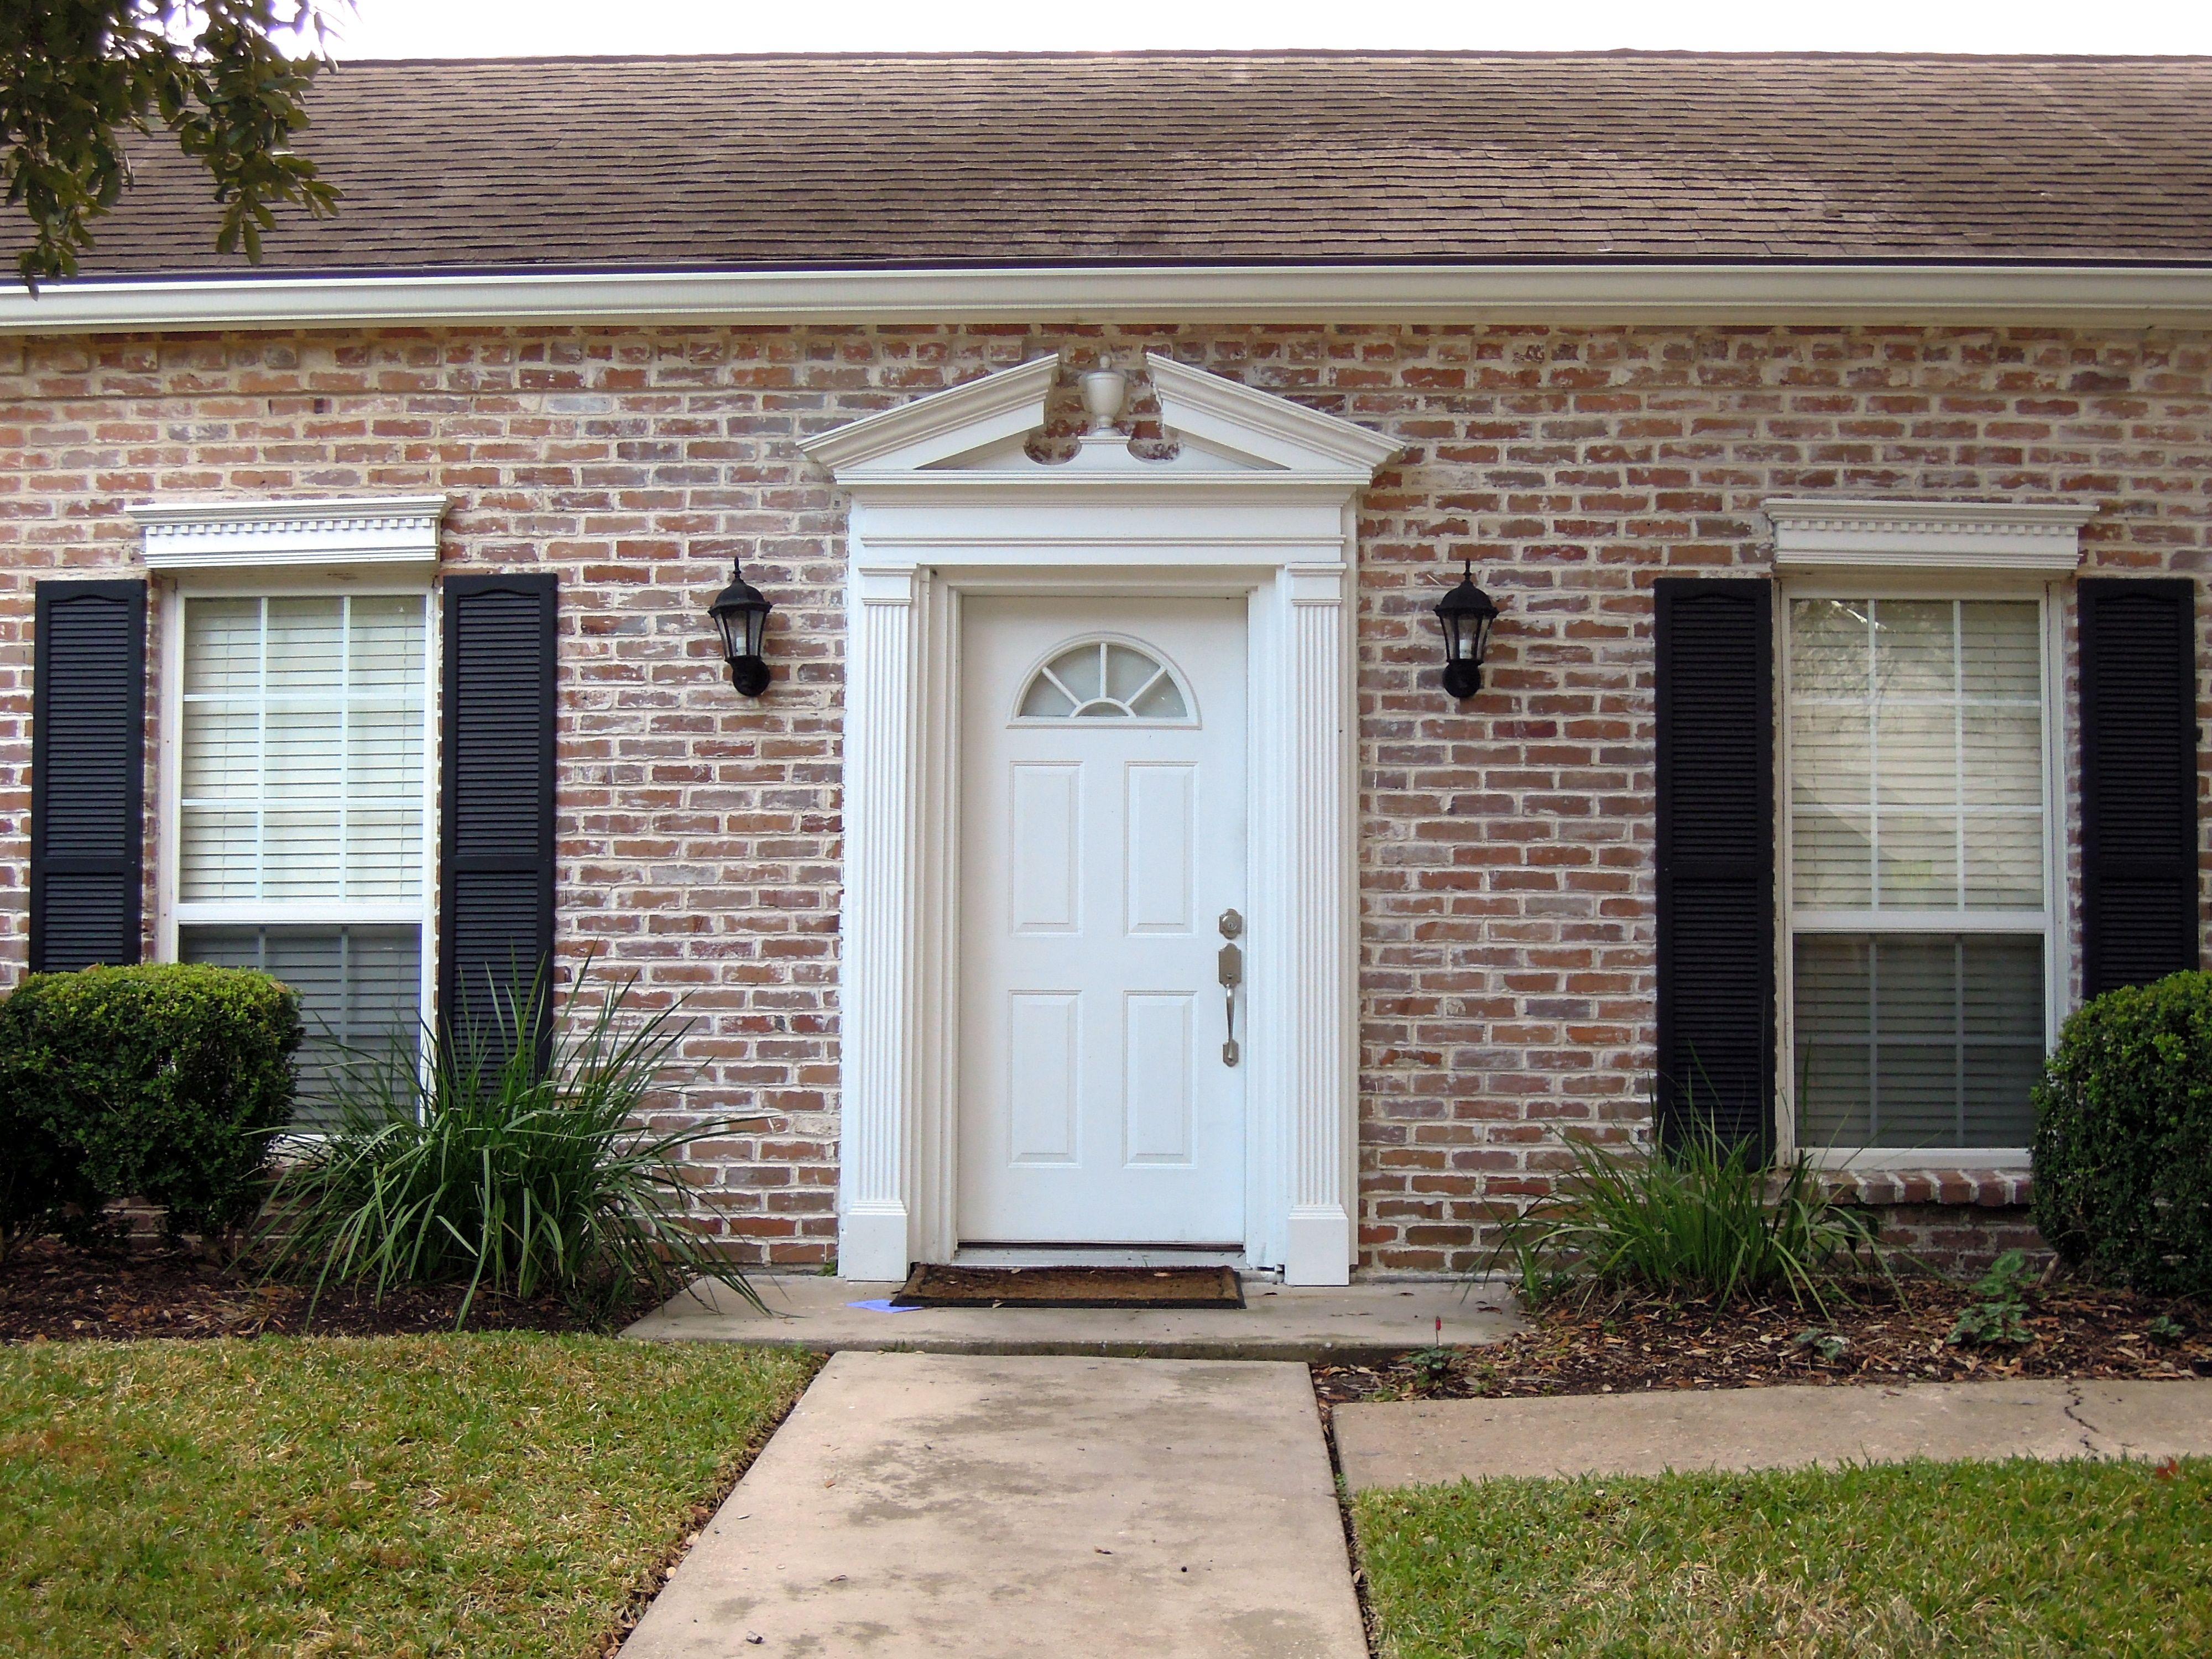 Vickers Door Jpg 4000 3000 Red Brick House White Wash Brick